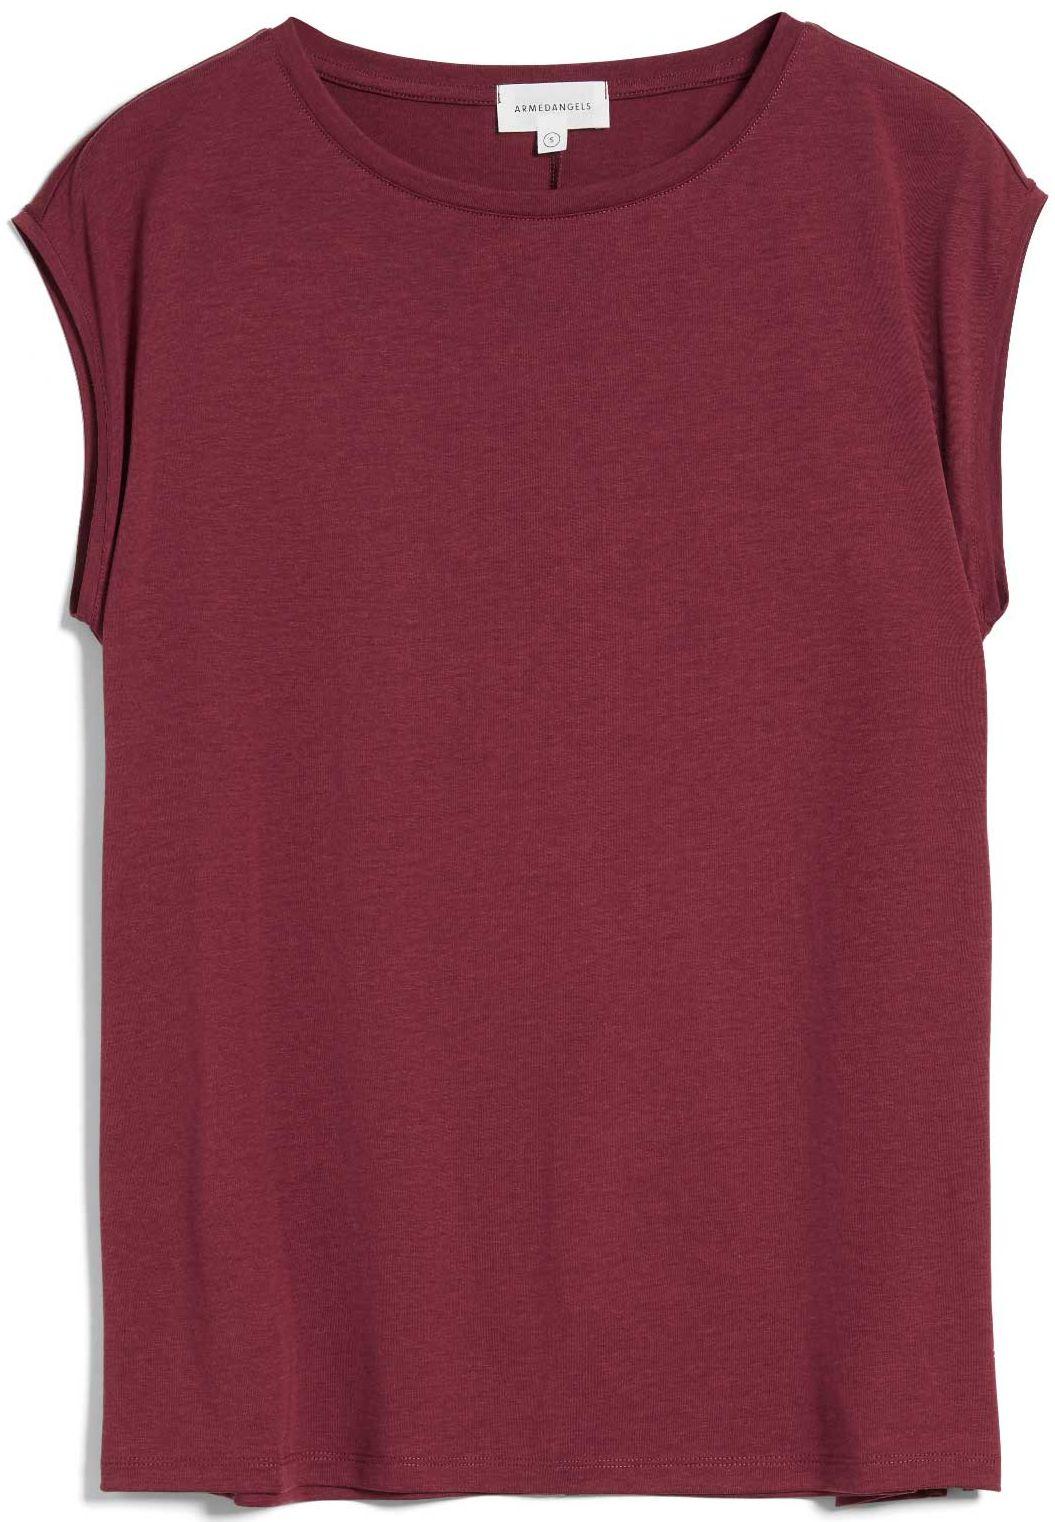 Damen-Shirt JILAA ruby red